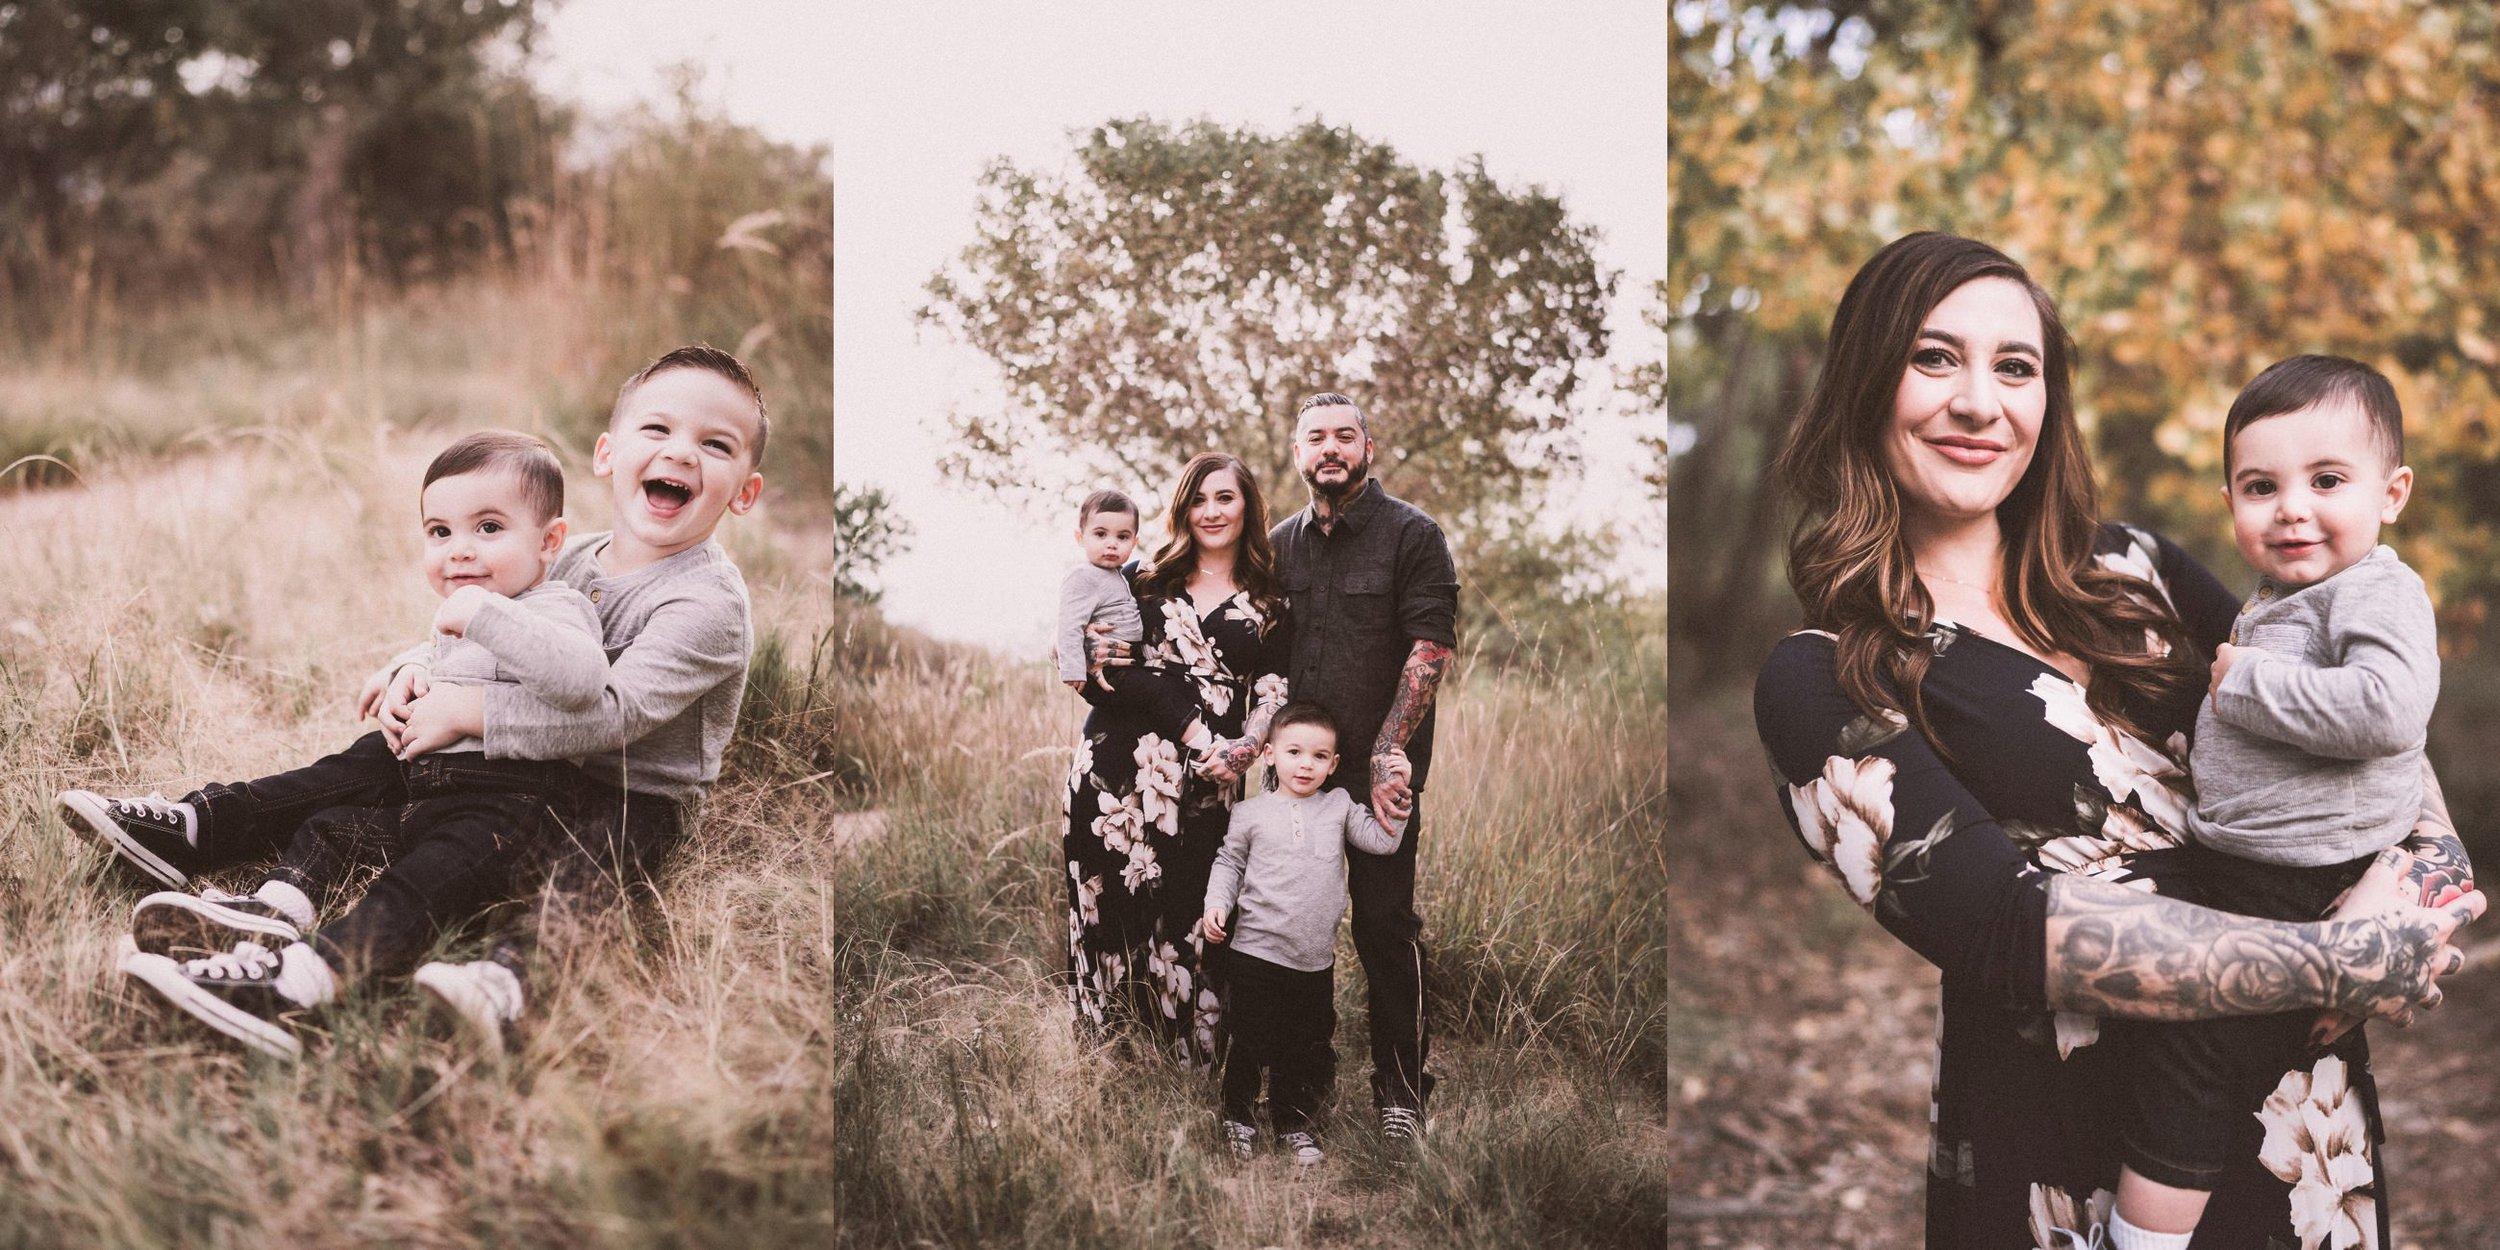 TONY-GAMBINO-PHOTOGRAPHY-BEND-OREGON-FAMILY-PHOTO-SHOOT-000_1549.jpg